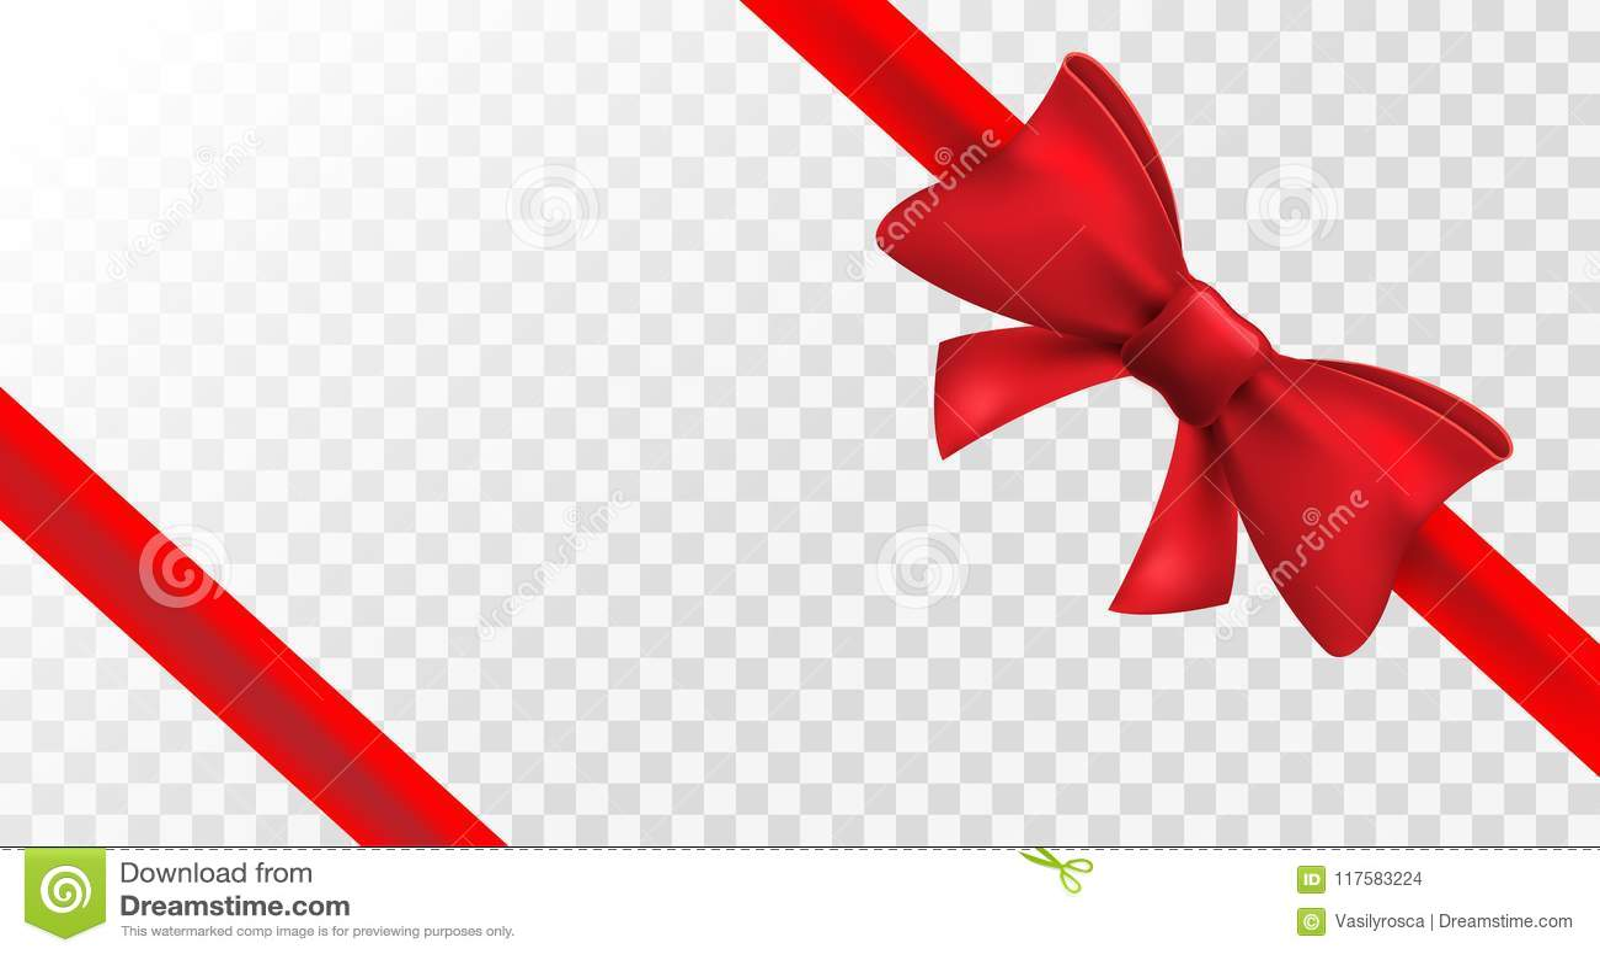 Fita vermelha com curva vermelha Decoração isolada vetor da curva para o presente do feriado Elemento do presente para o projeto